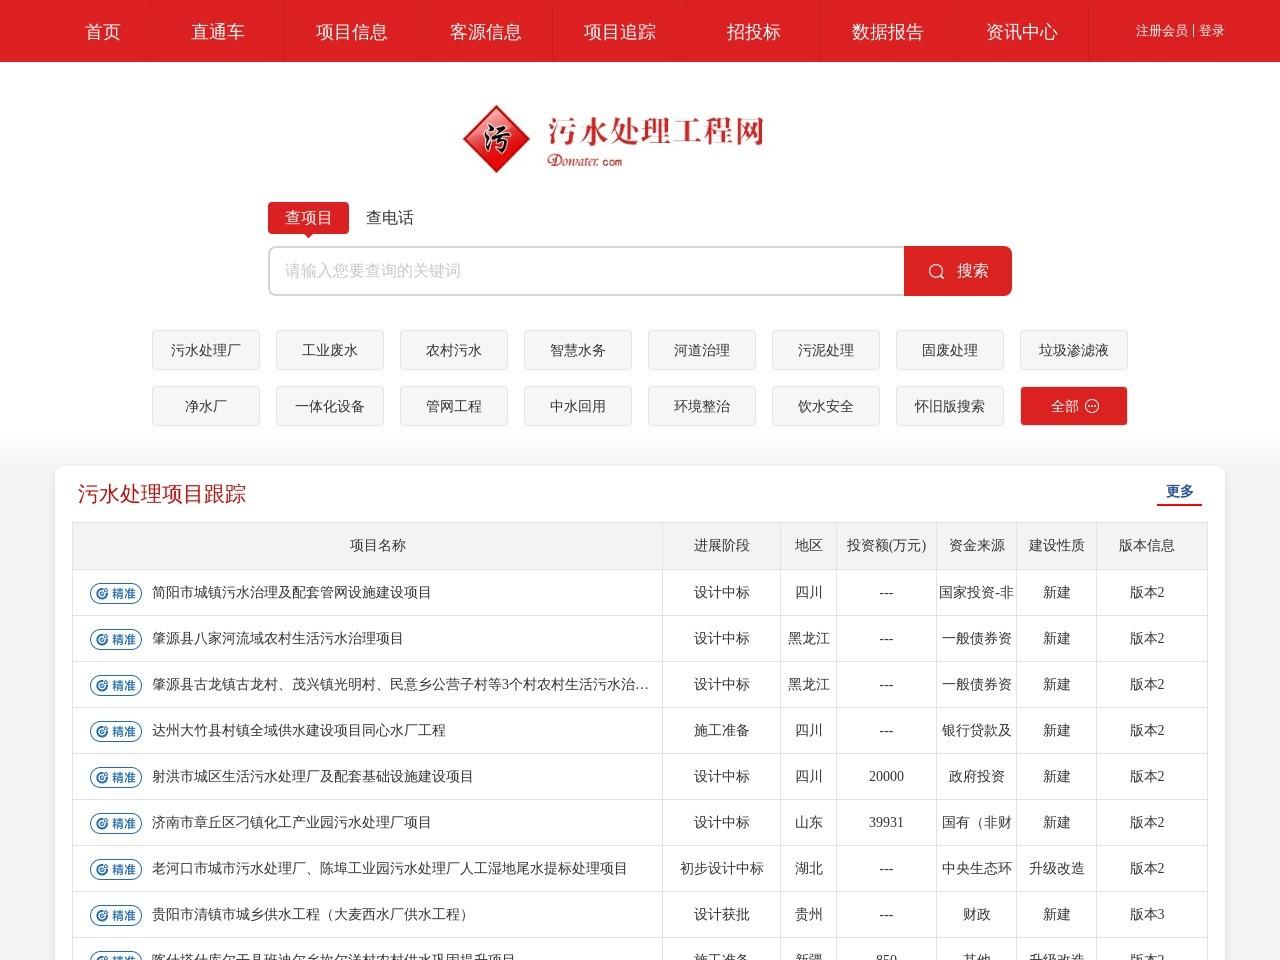 中国污水处理工程网截图